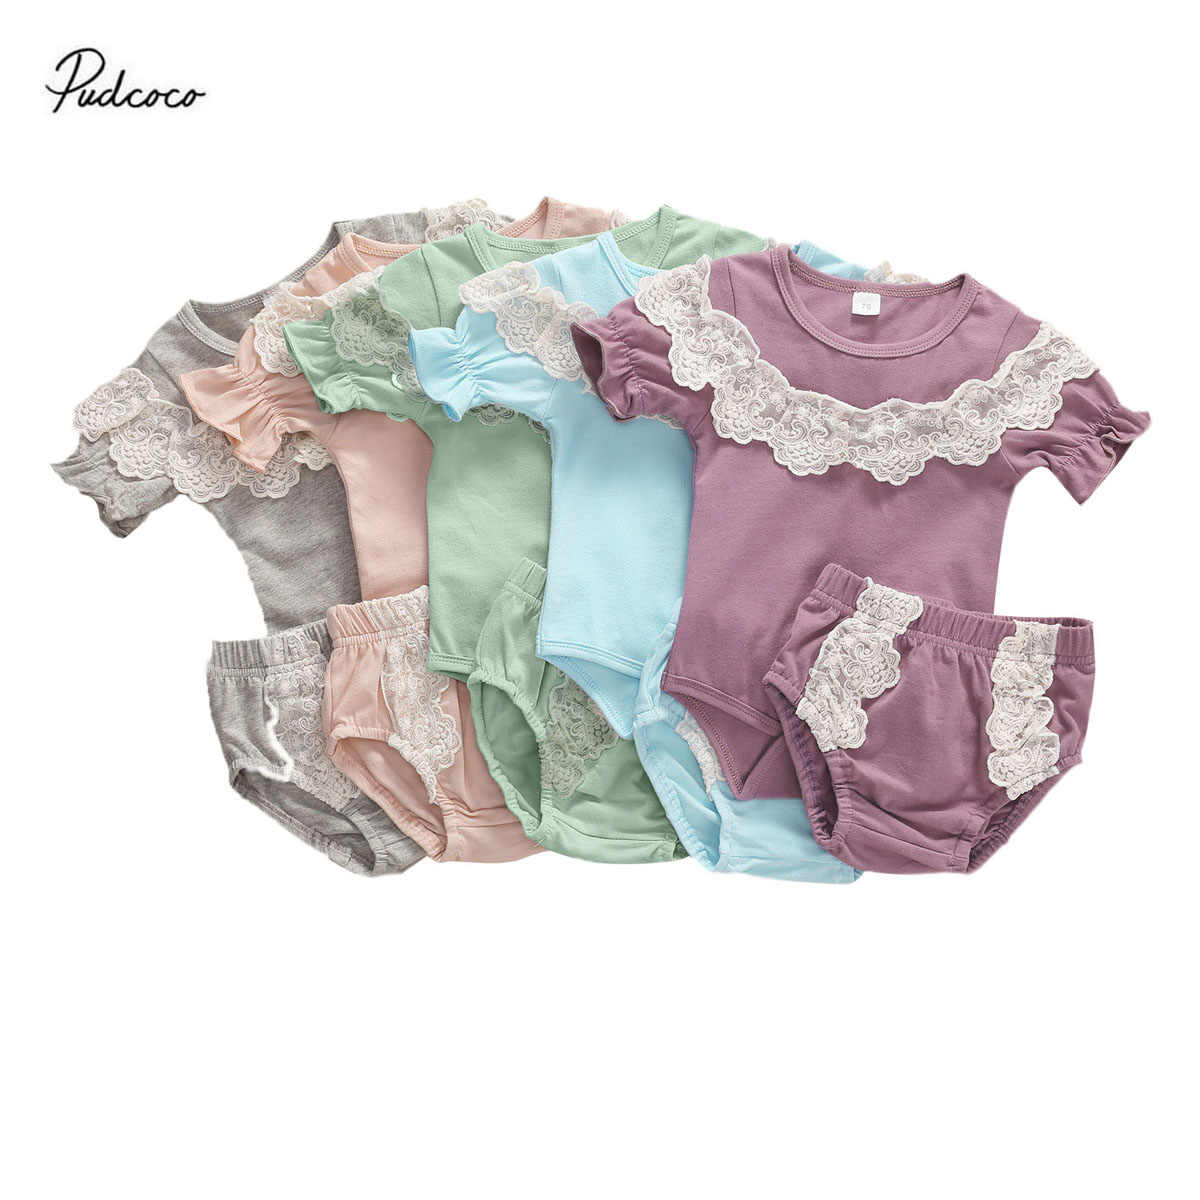 Pasgeboren Baby Romper Tweedelige Set T-shirt Shorts Gehaakte Elastische Taille Kant Decoratie Plooien Lotusblad Baby Kleding set